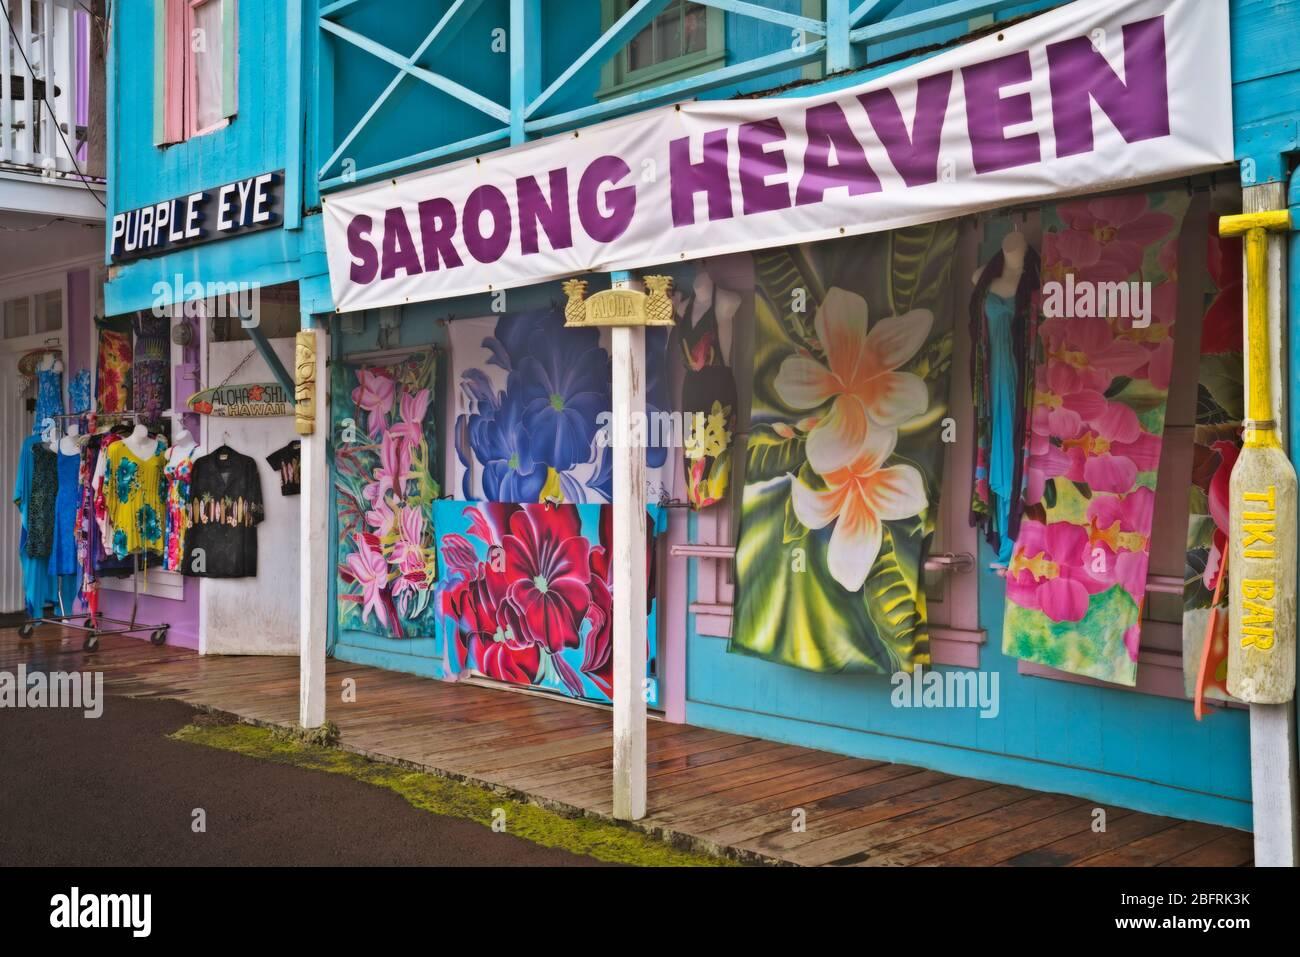 Le magasin coloré face à l'œil pourpre est l'un des magasins écelctiques de la petite ville de Henomu sur la Grande île d'Hawaï. Banque D'Images